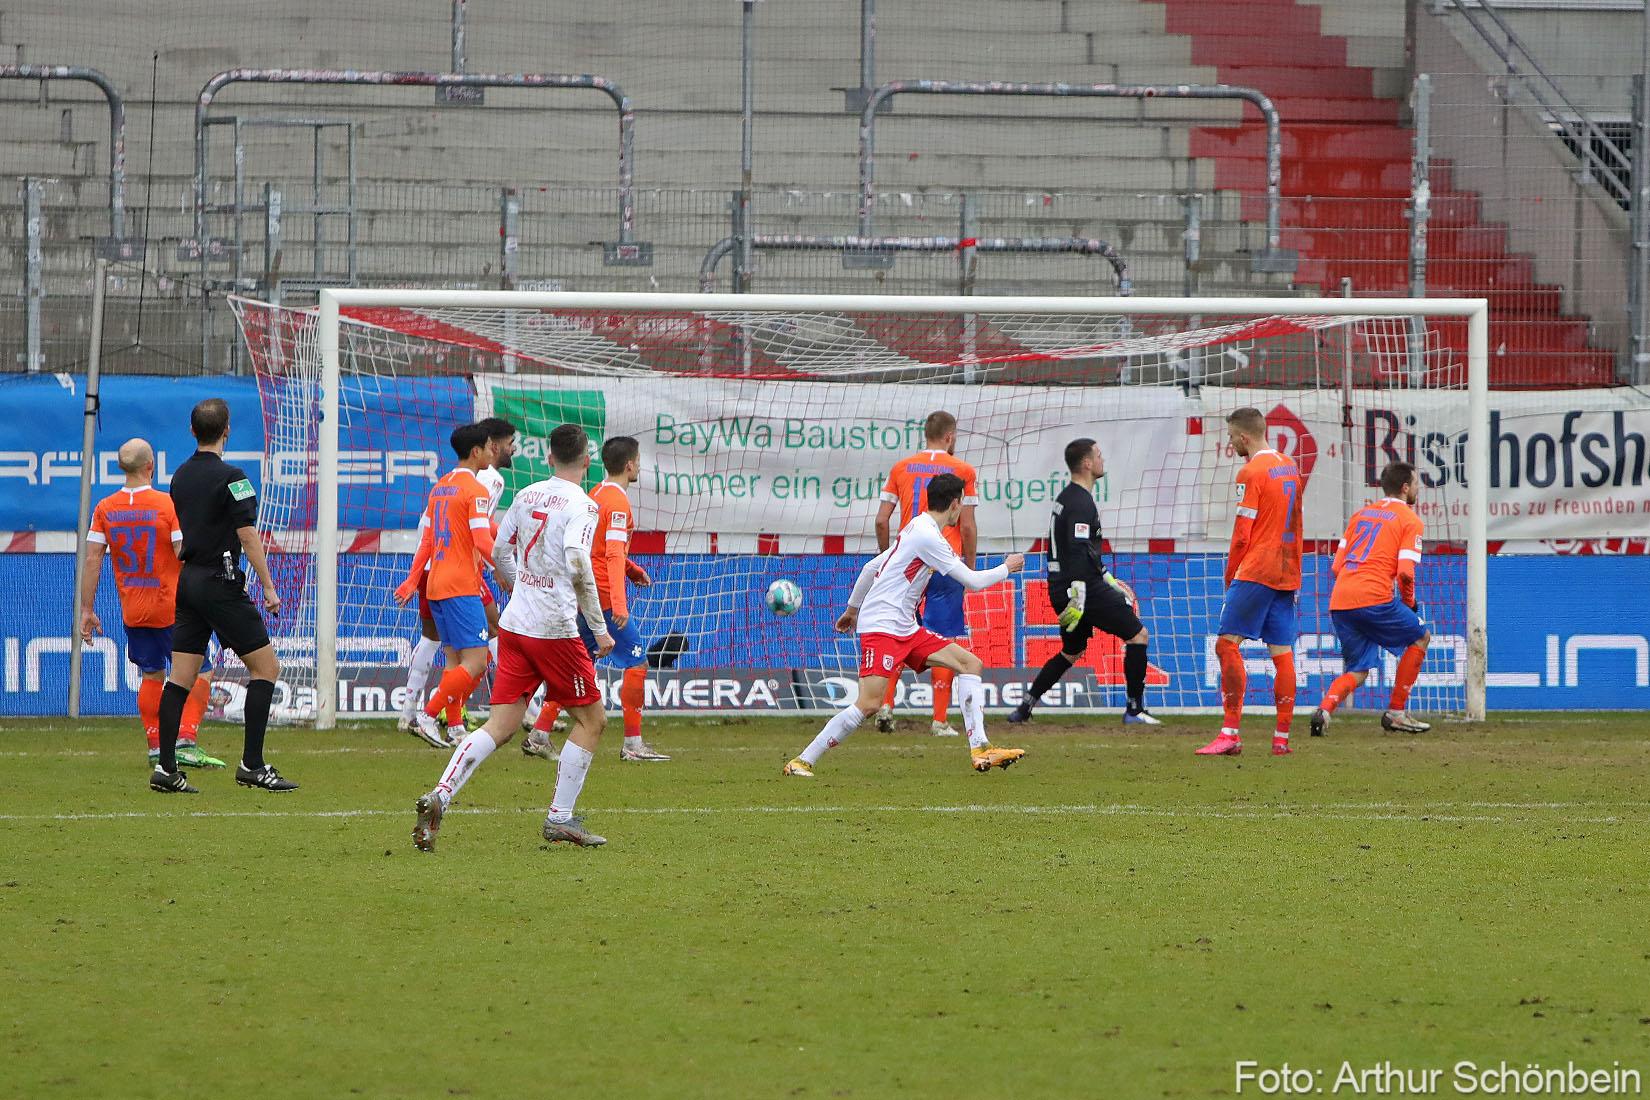 Unsere Fotos vom Spiel bei Jahn Regensburg